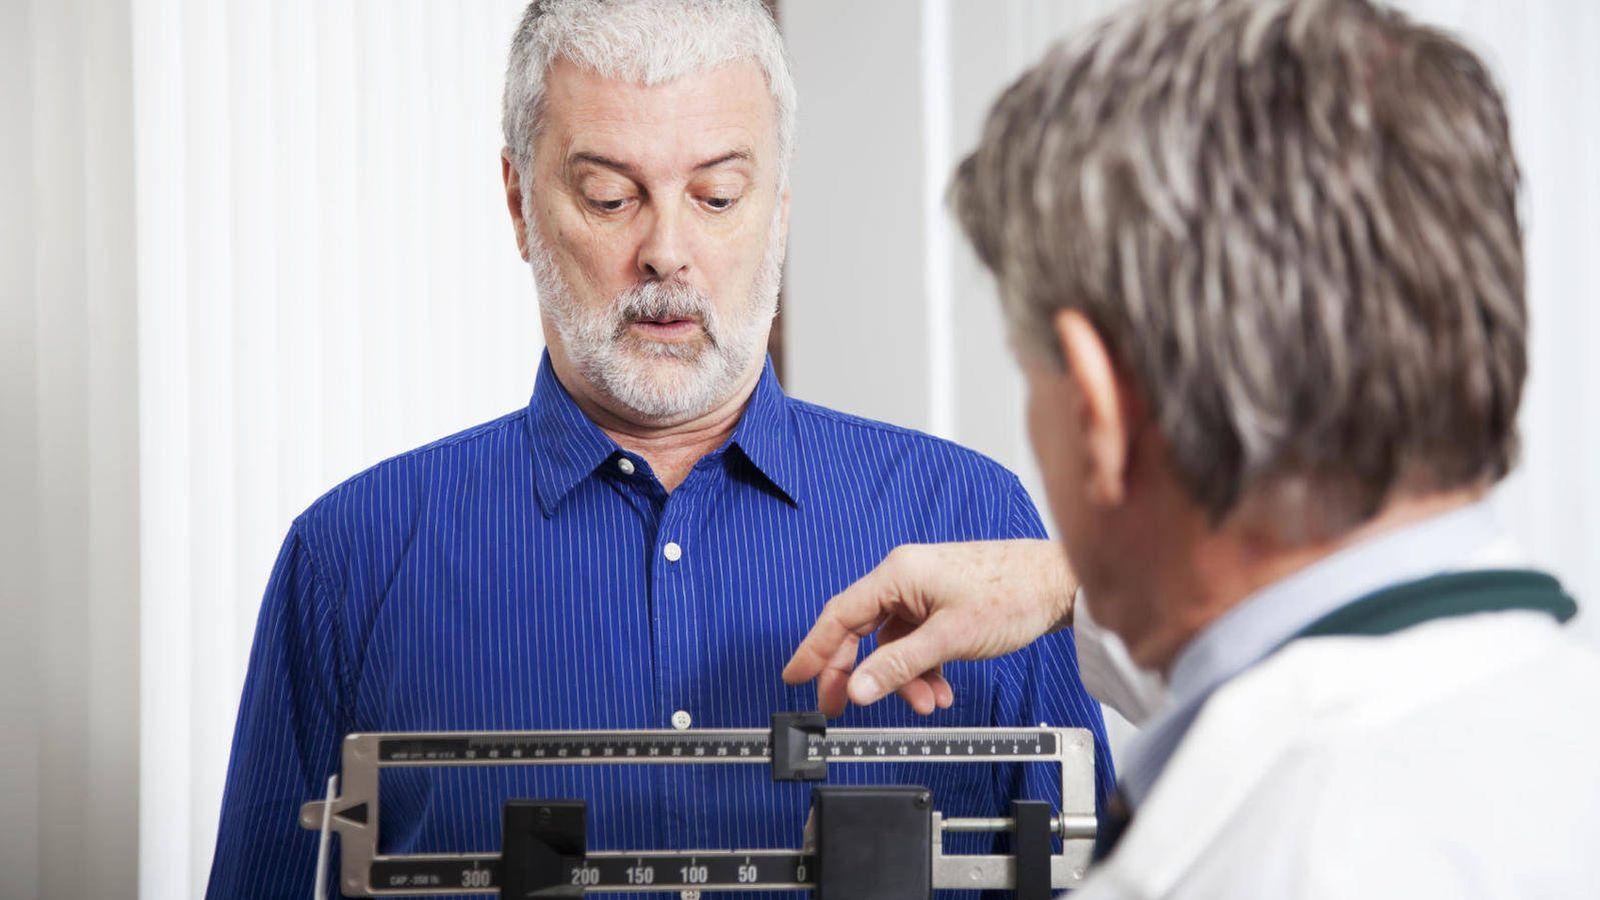 Resultado de imagen para metabolismo gente mayor